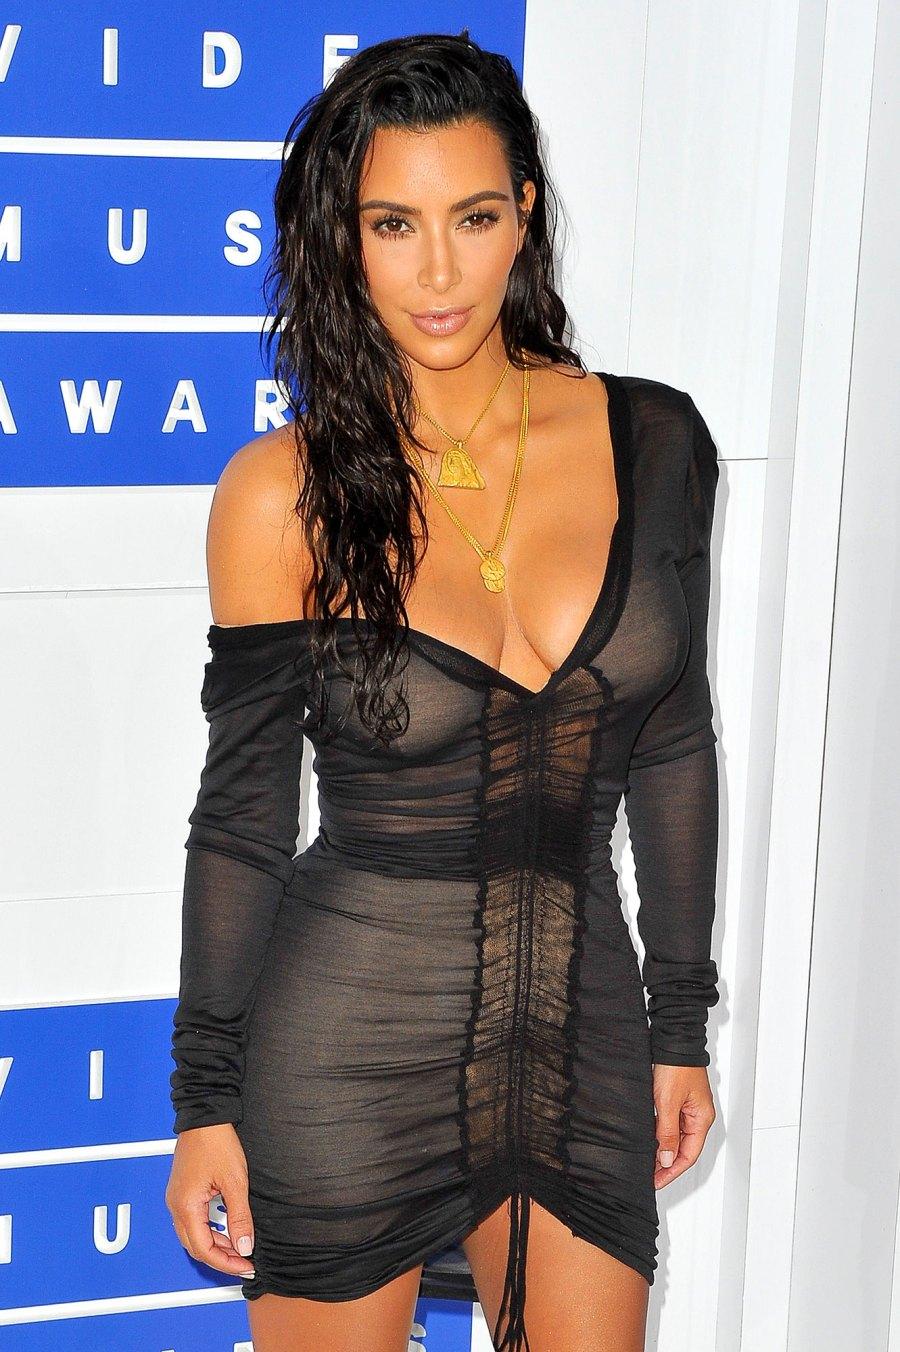 kim-kardashian-1be9de46-938d-4391-ab2d-f2958702b2e9